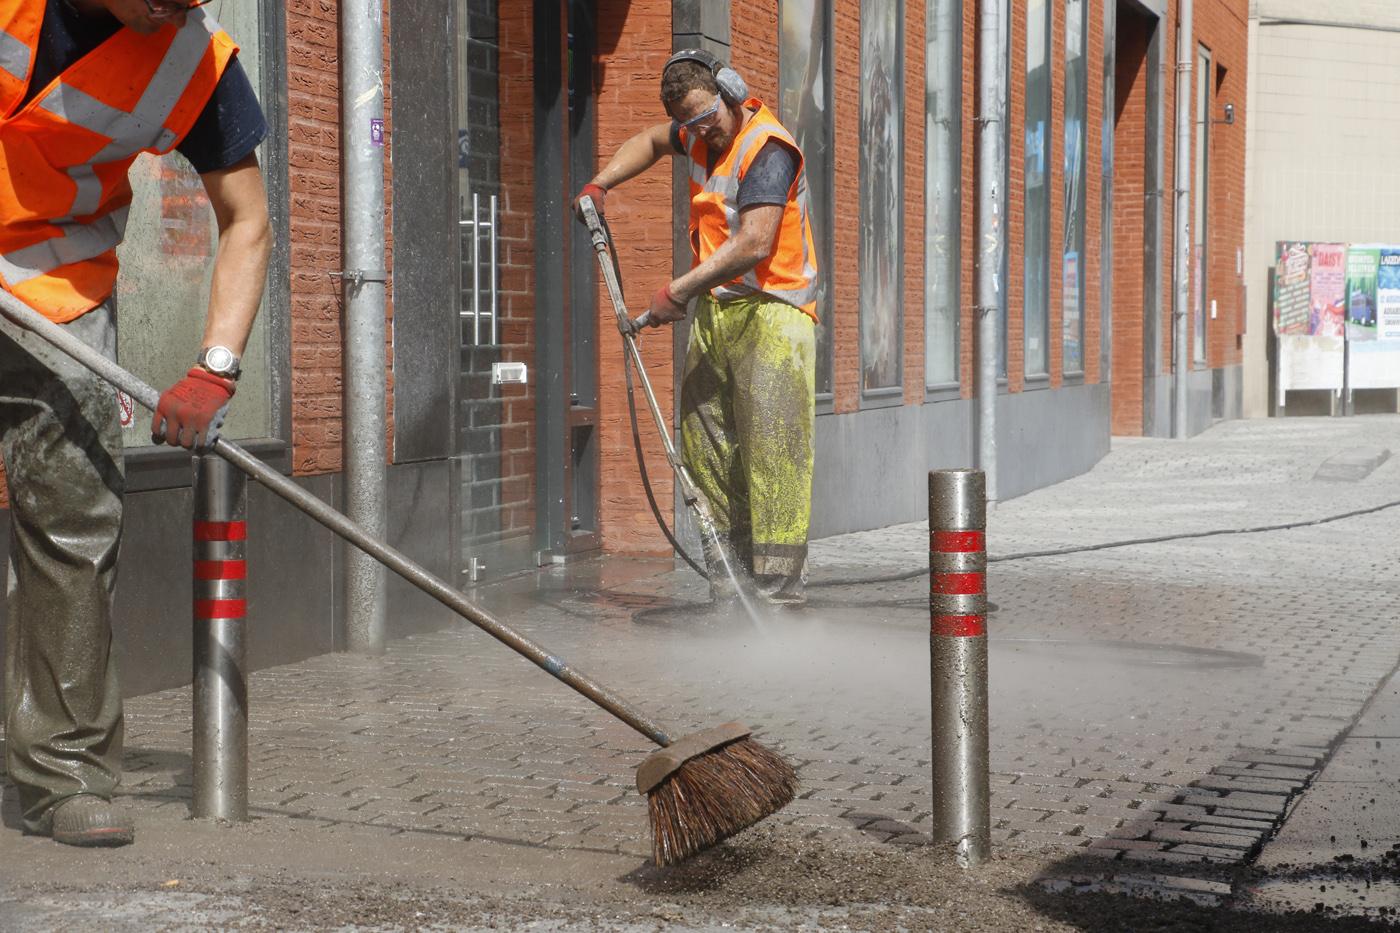 Maandag 10 juli is de gemeente begonnen met het laten schoonspuiten en daarna opnieuw voegen van de natuurstenen van een aantal straten in de binnenstad, zoals hier in de Nieuwstraat.